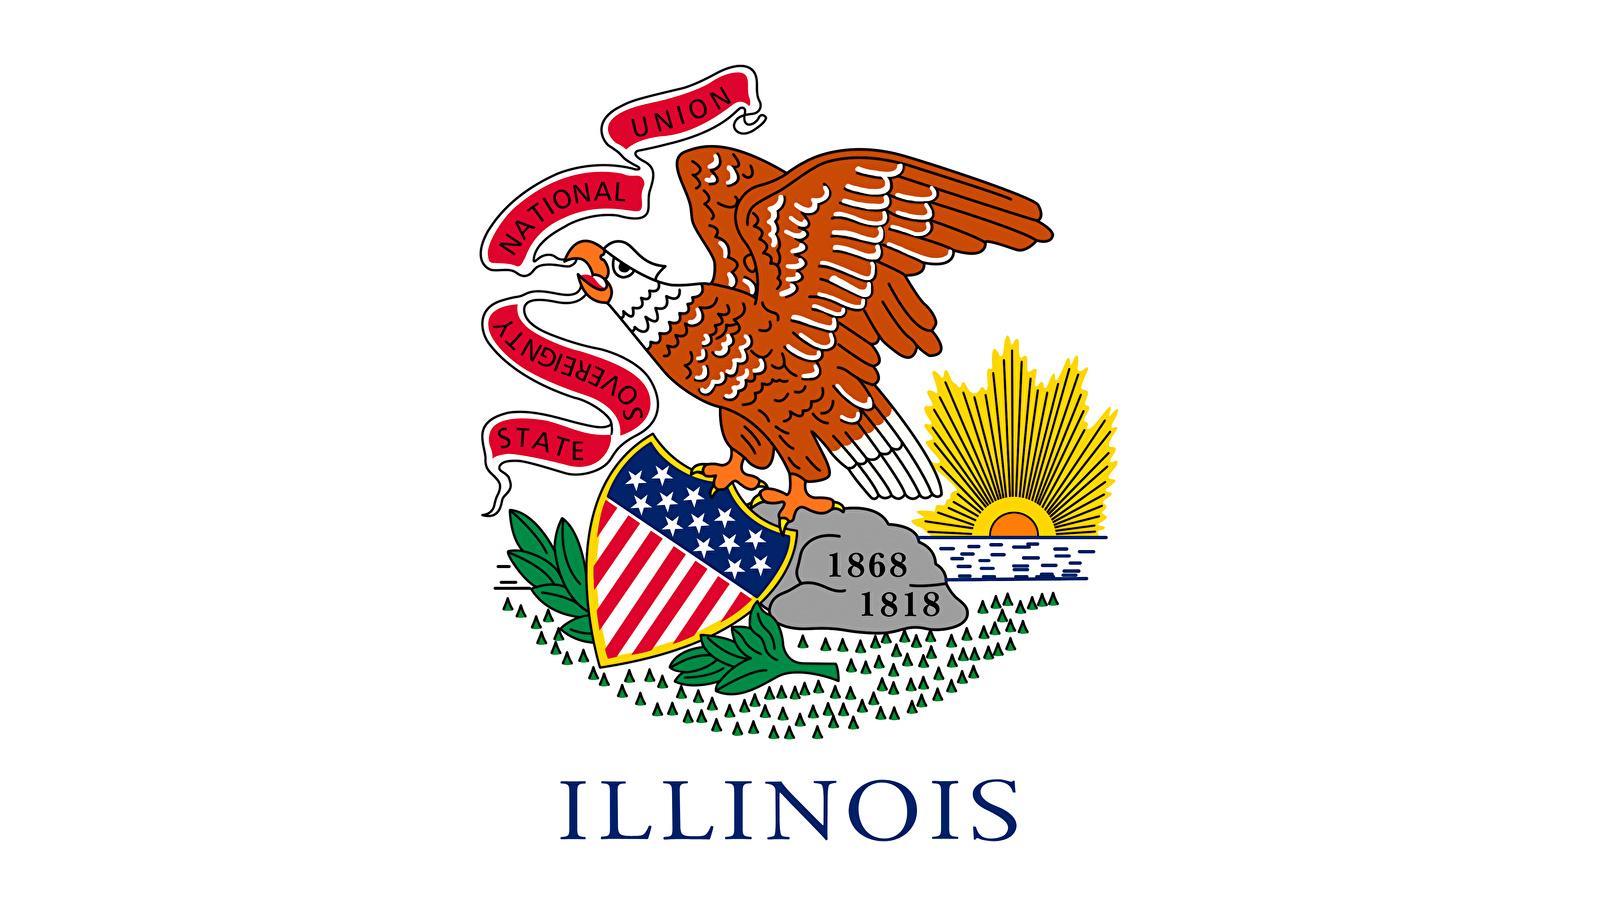 Photos Eagles USA Illinois Flag 1600x900 1600x900